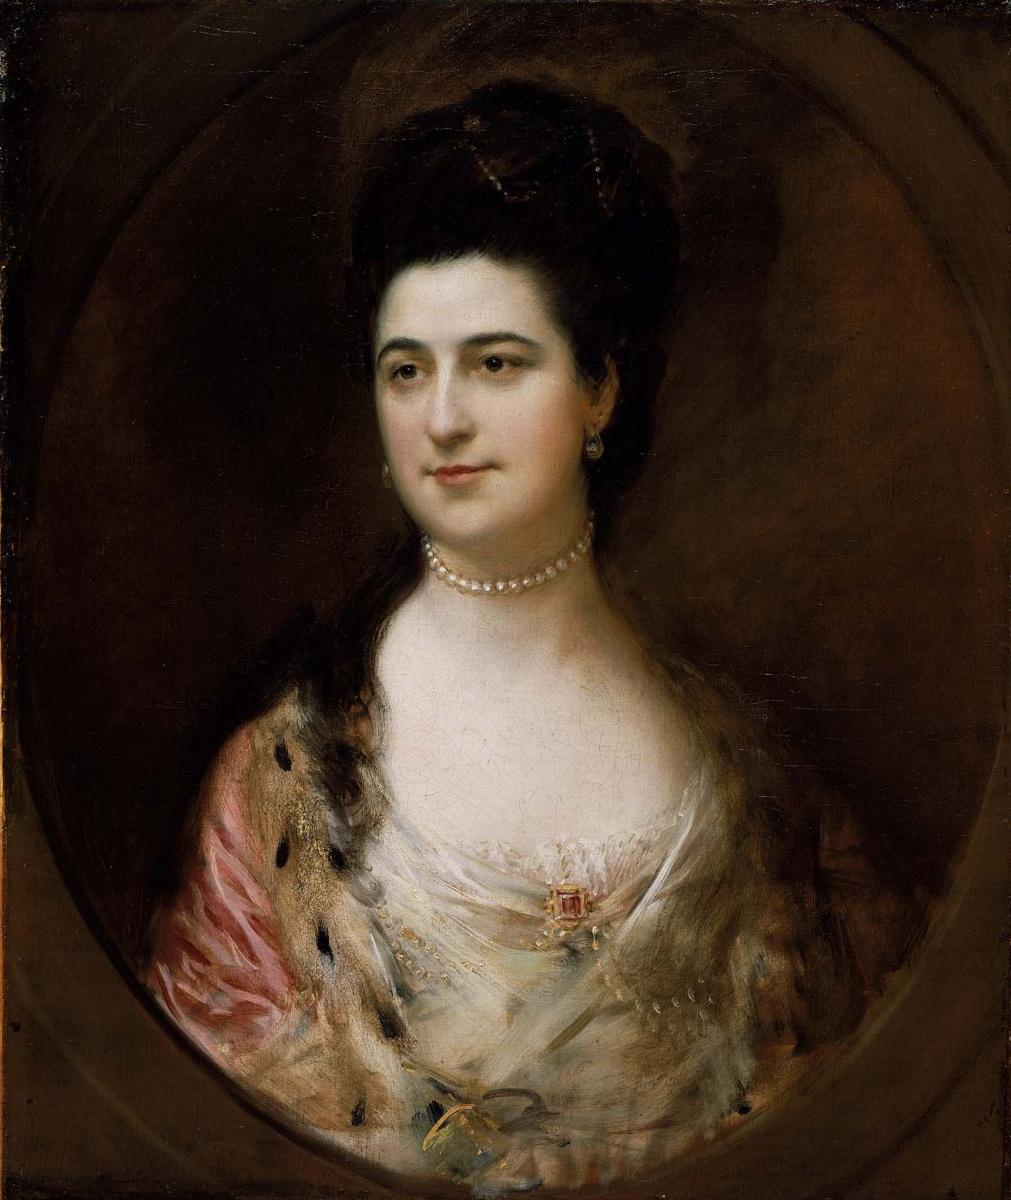 Thomas Gainsborough. Mrs. Thomas Matthews